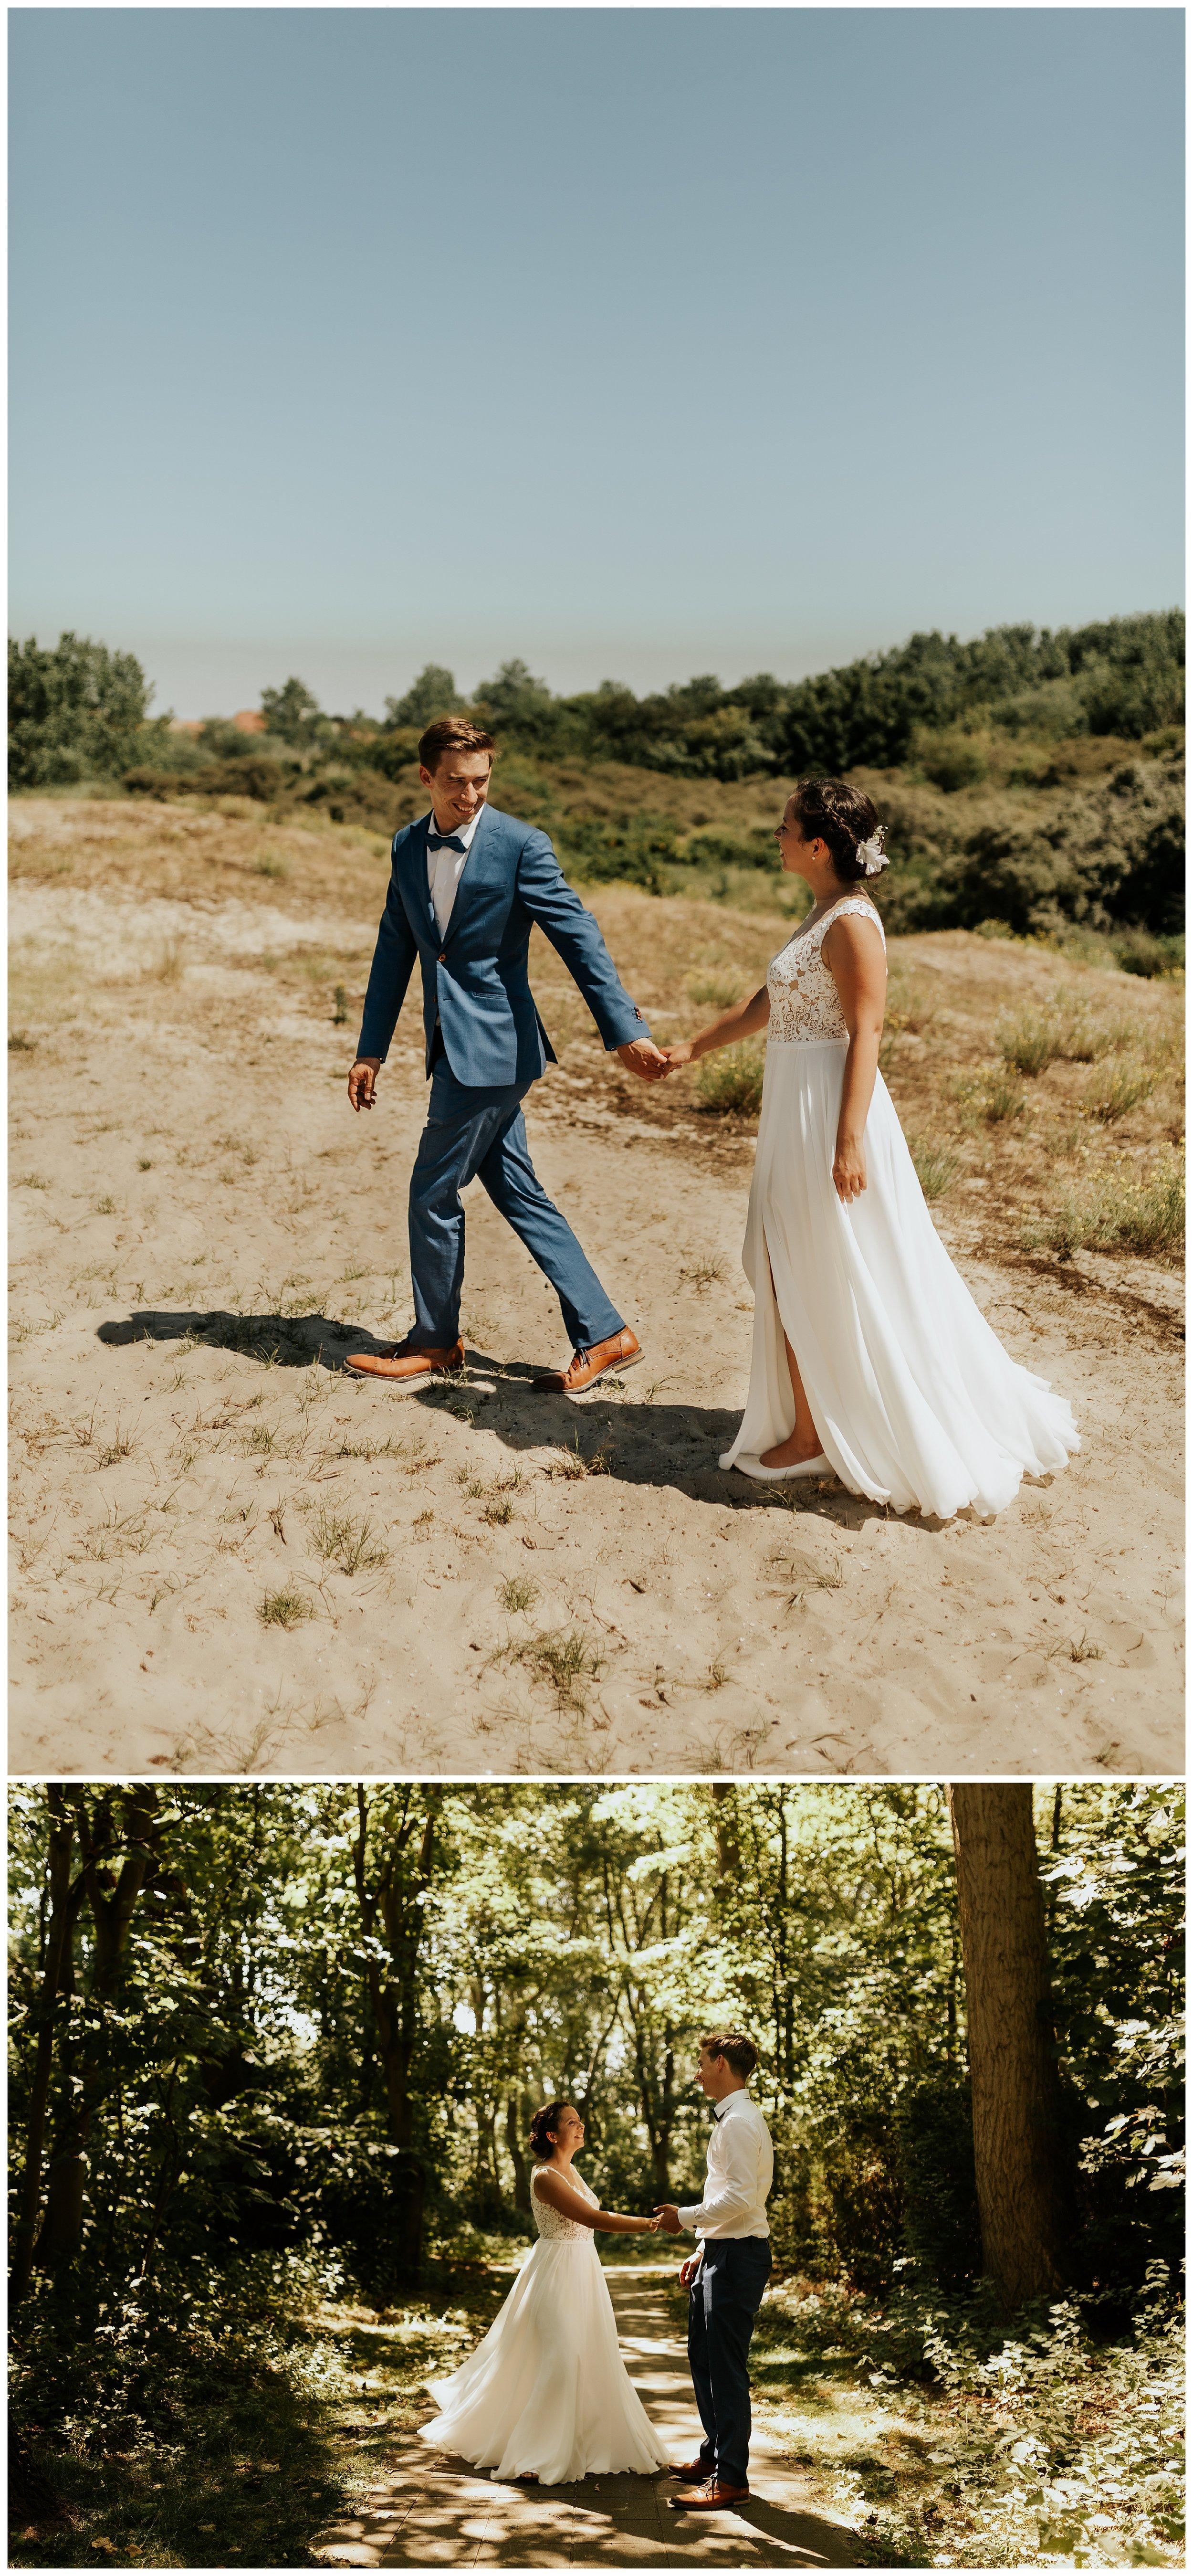 huwelijksfotograaf-huwelijksfotografie-knokke-heist-lisa-helsen-photography-trouwfotograaf-trouwfoto-sabine-pieter_0013.jpg